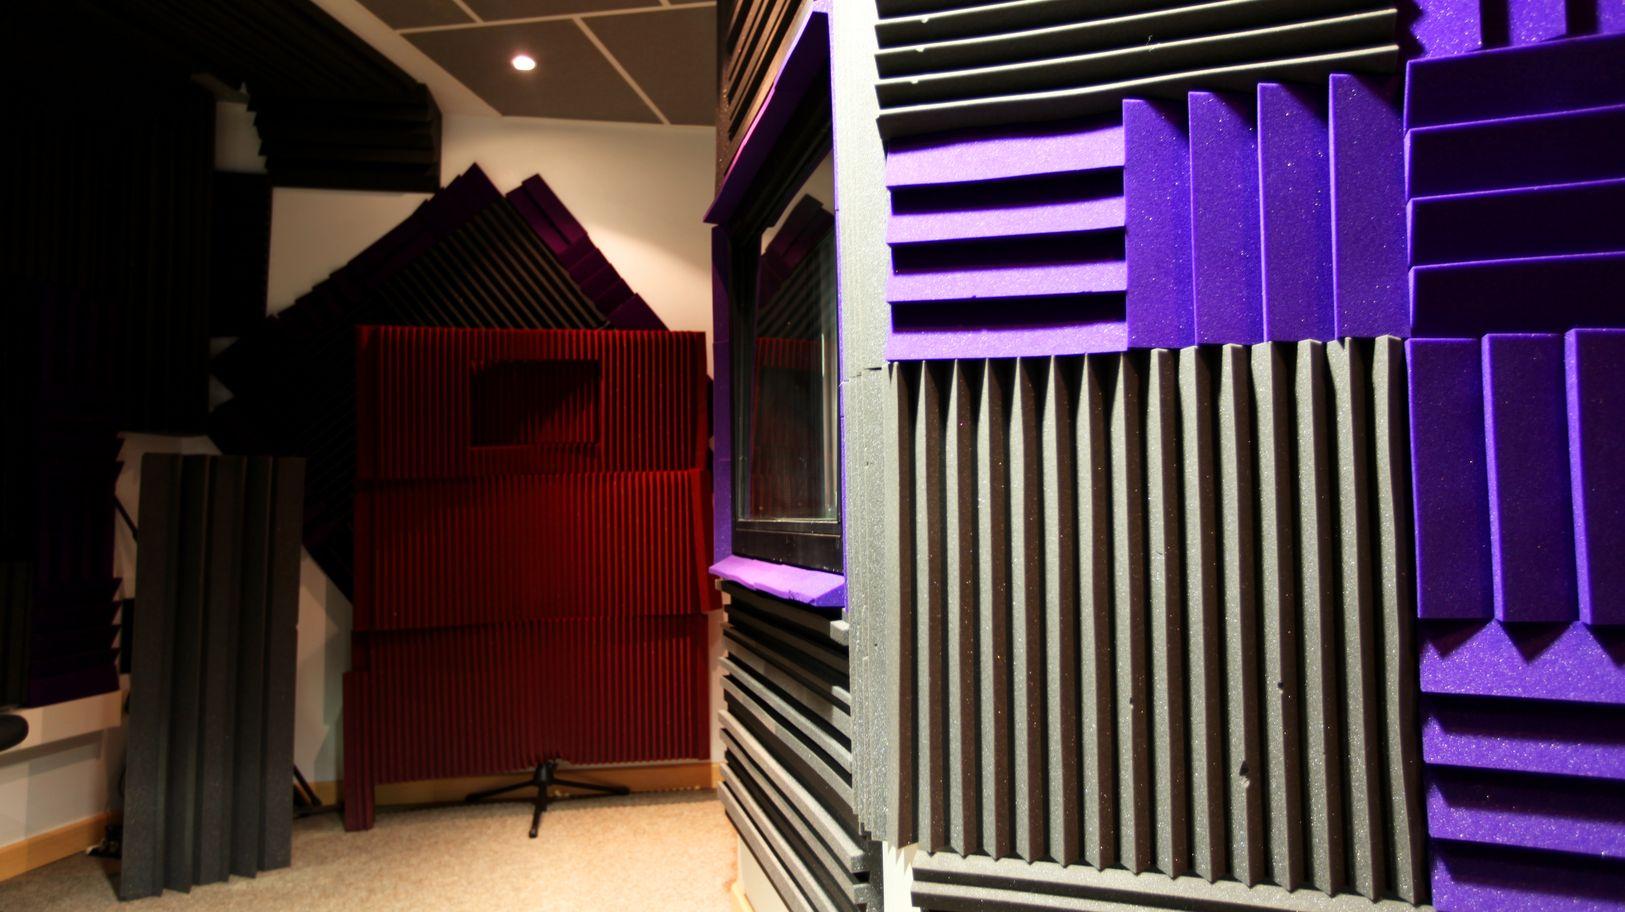 sala de musica_result.jpg